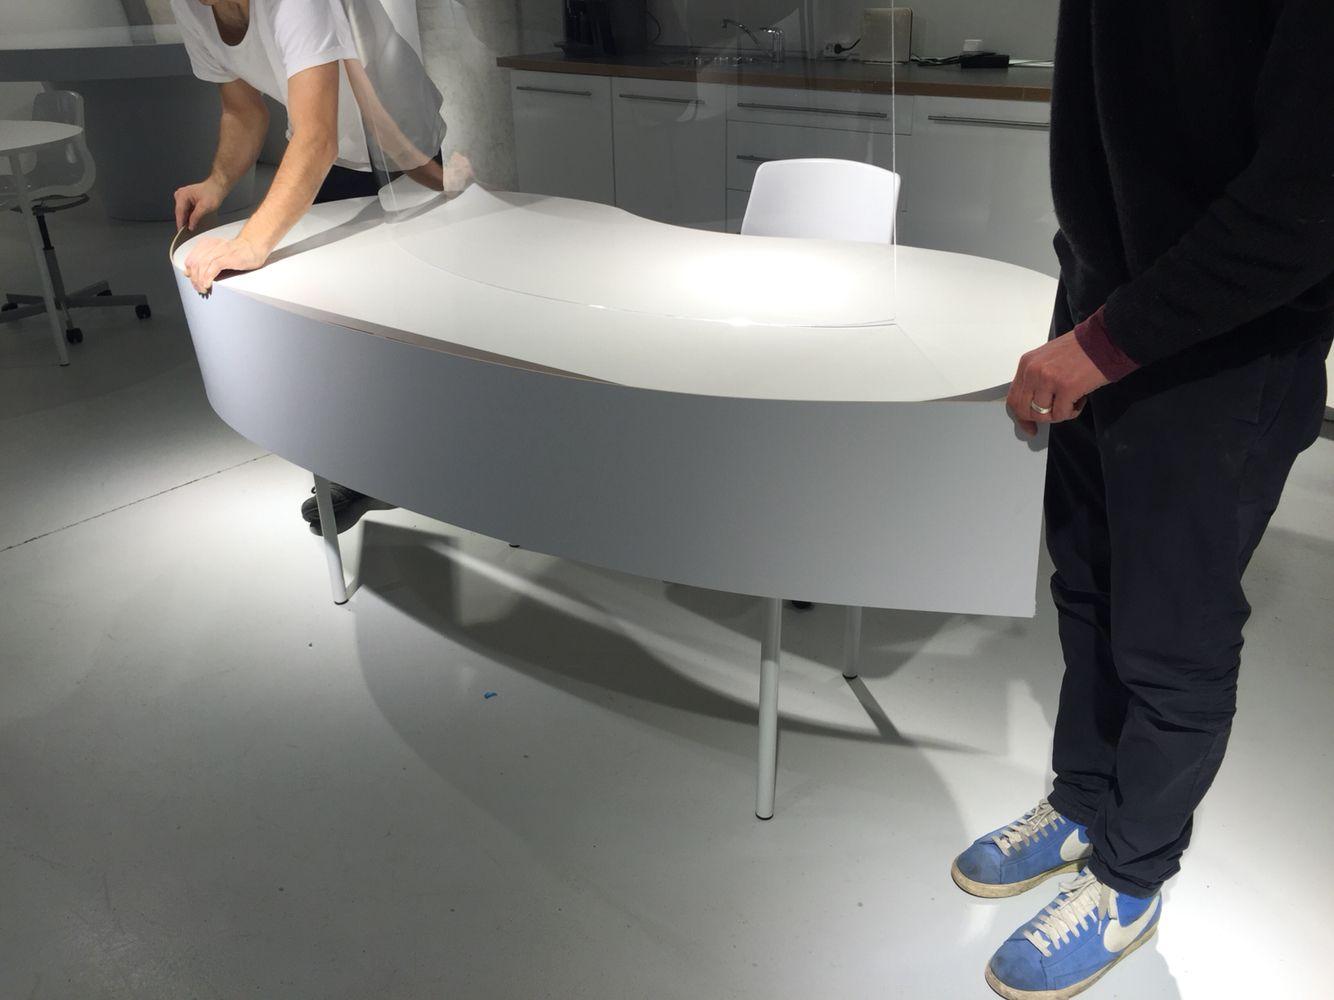 Tisch mit Blende